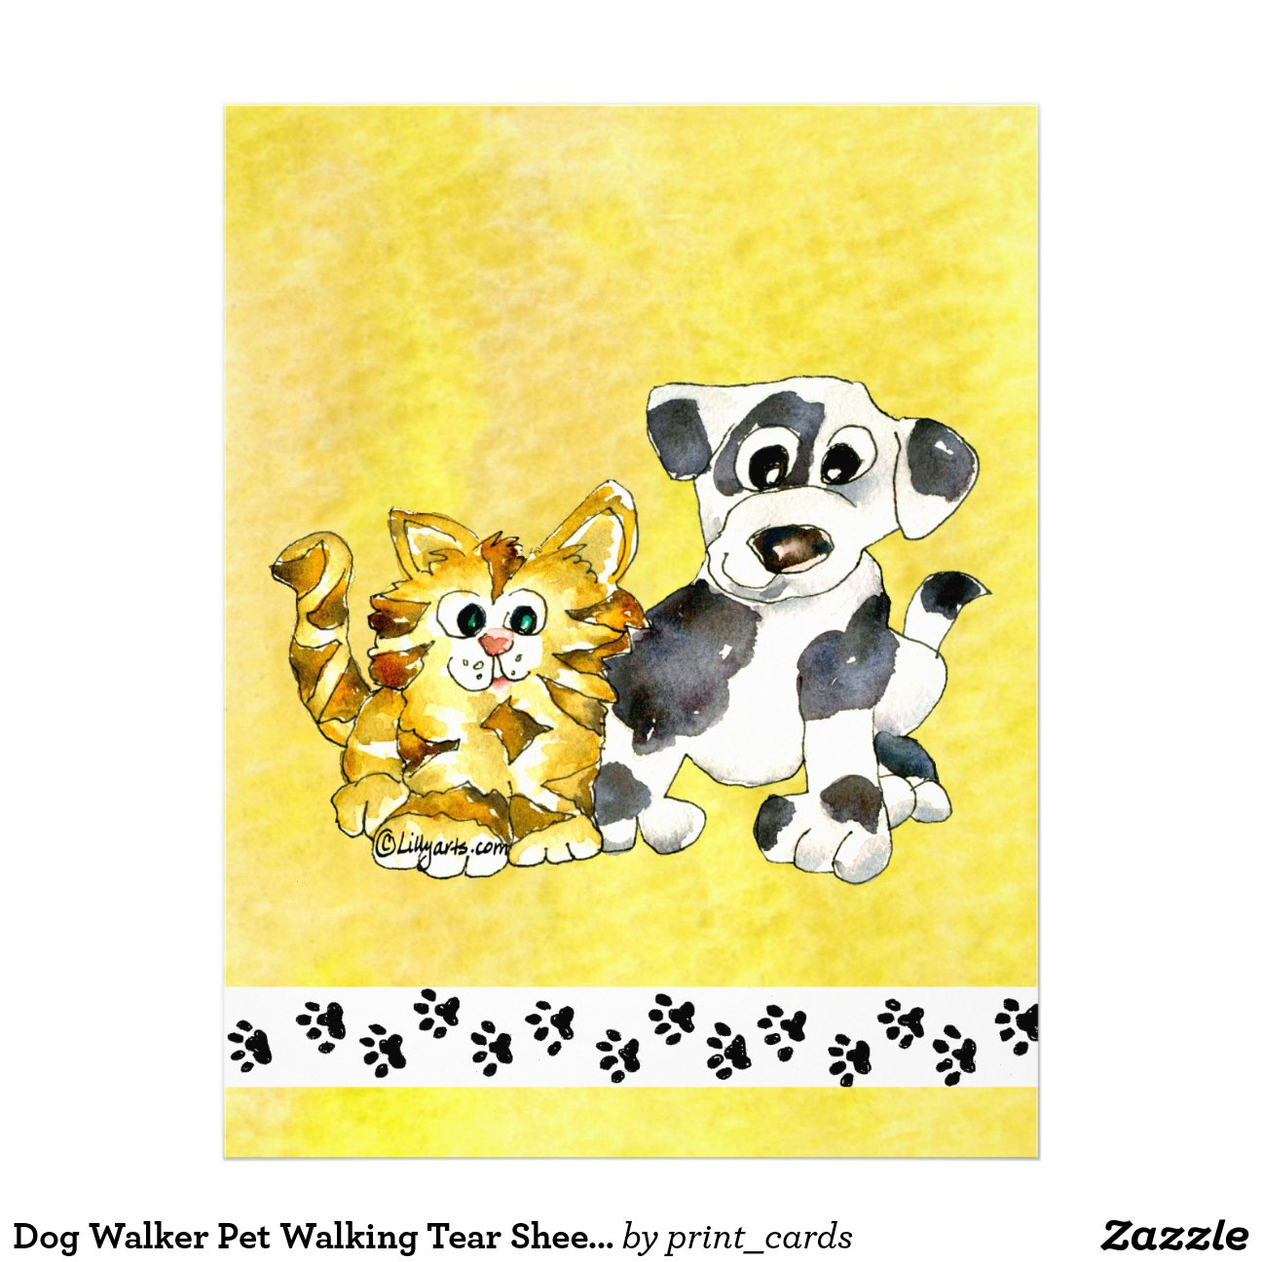 the gallery for > dog walking flyers ideas dog walker pet walking